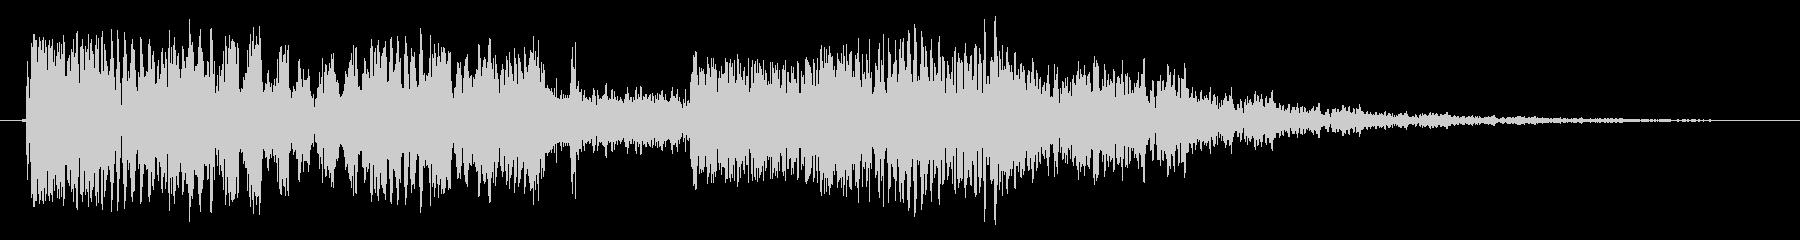 チューナーヒットの未再生の波形